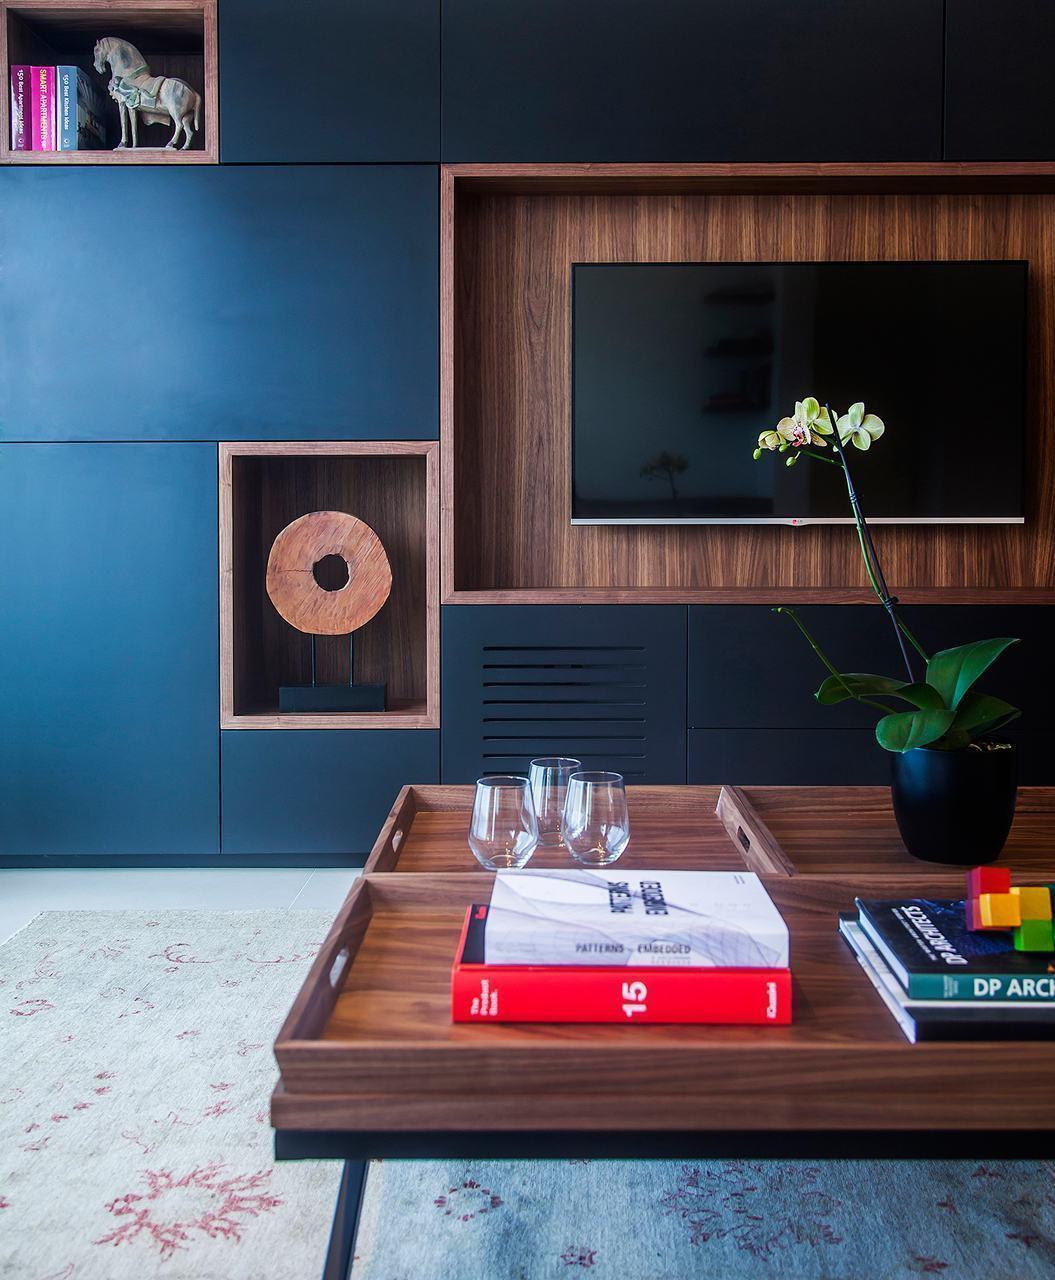 Não abra mão da qualidade nos móveis: eles possuem uma aparência bonita e uma resistência maior